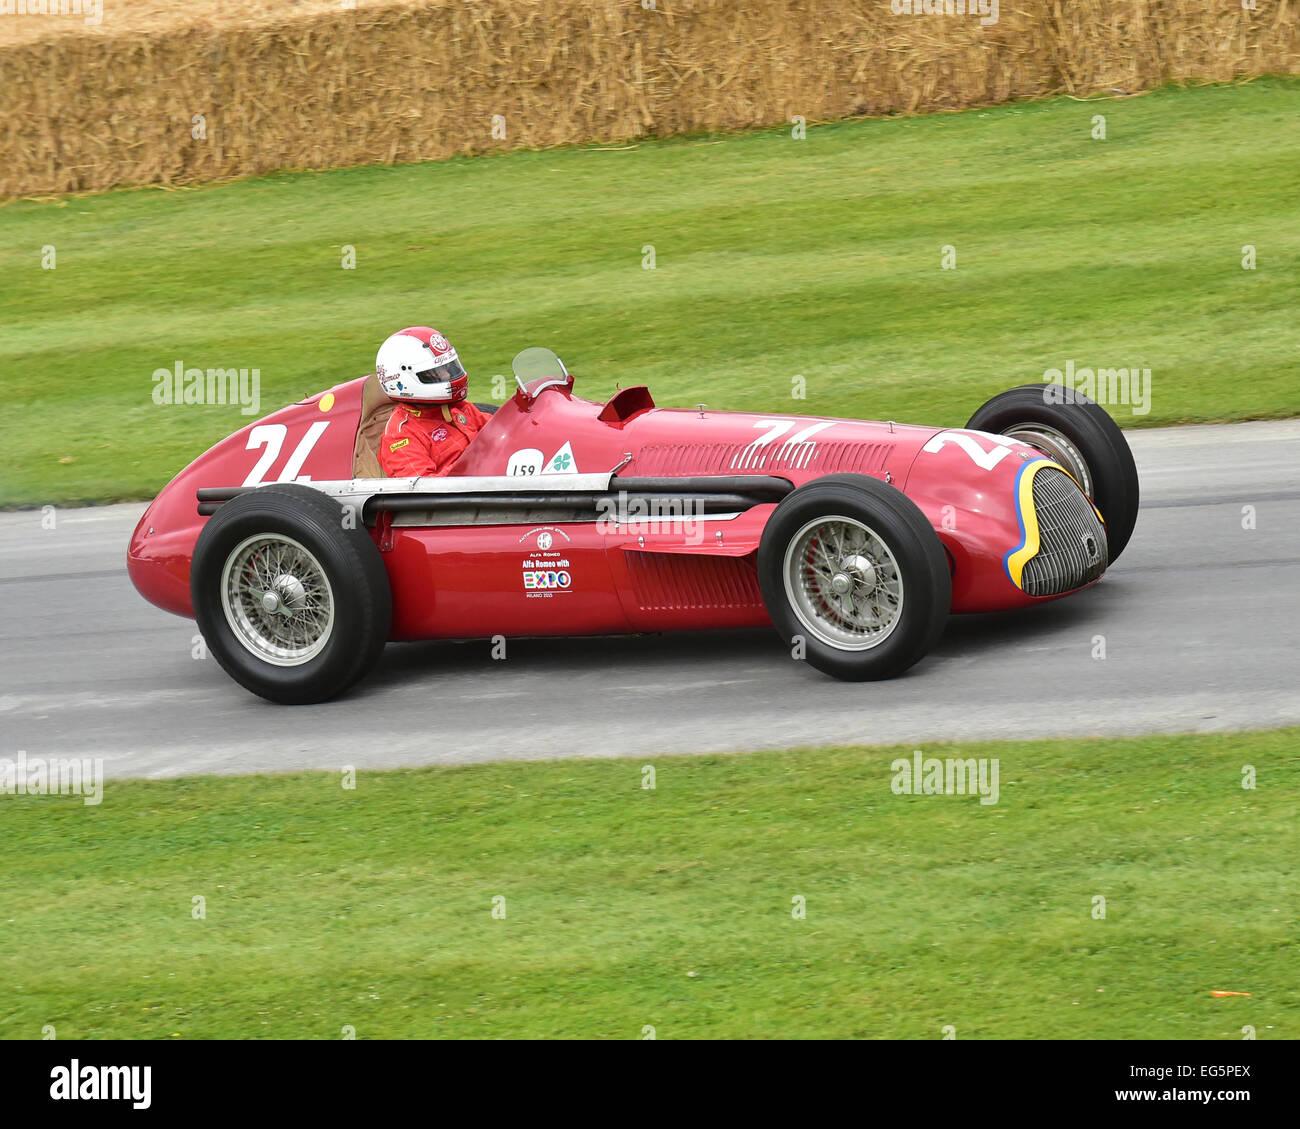 Alfa Romeo, Tipo 159, Alfetta, Museo Storico, post war grand prix cars